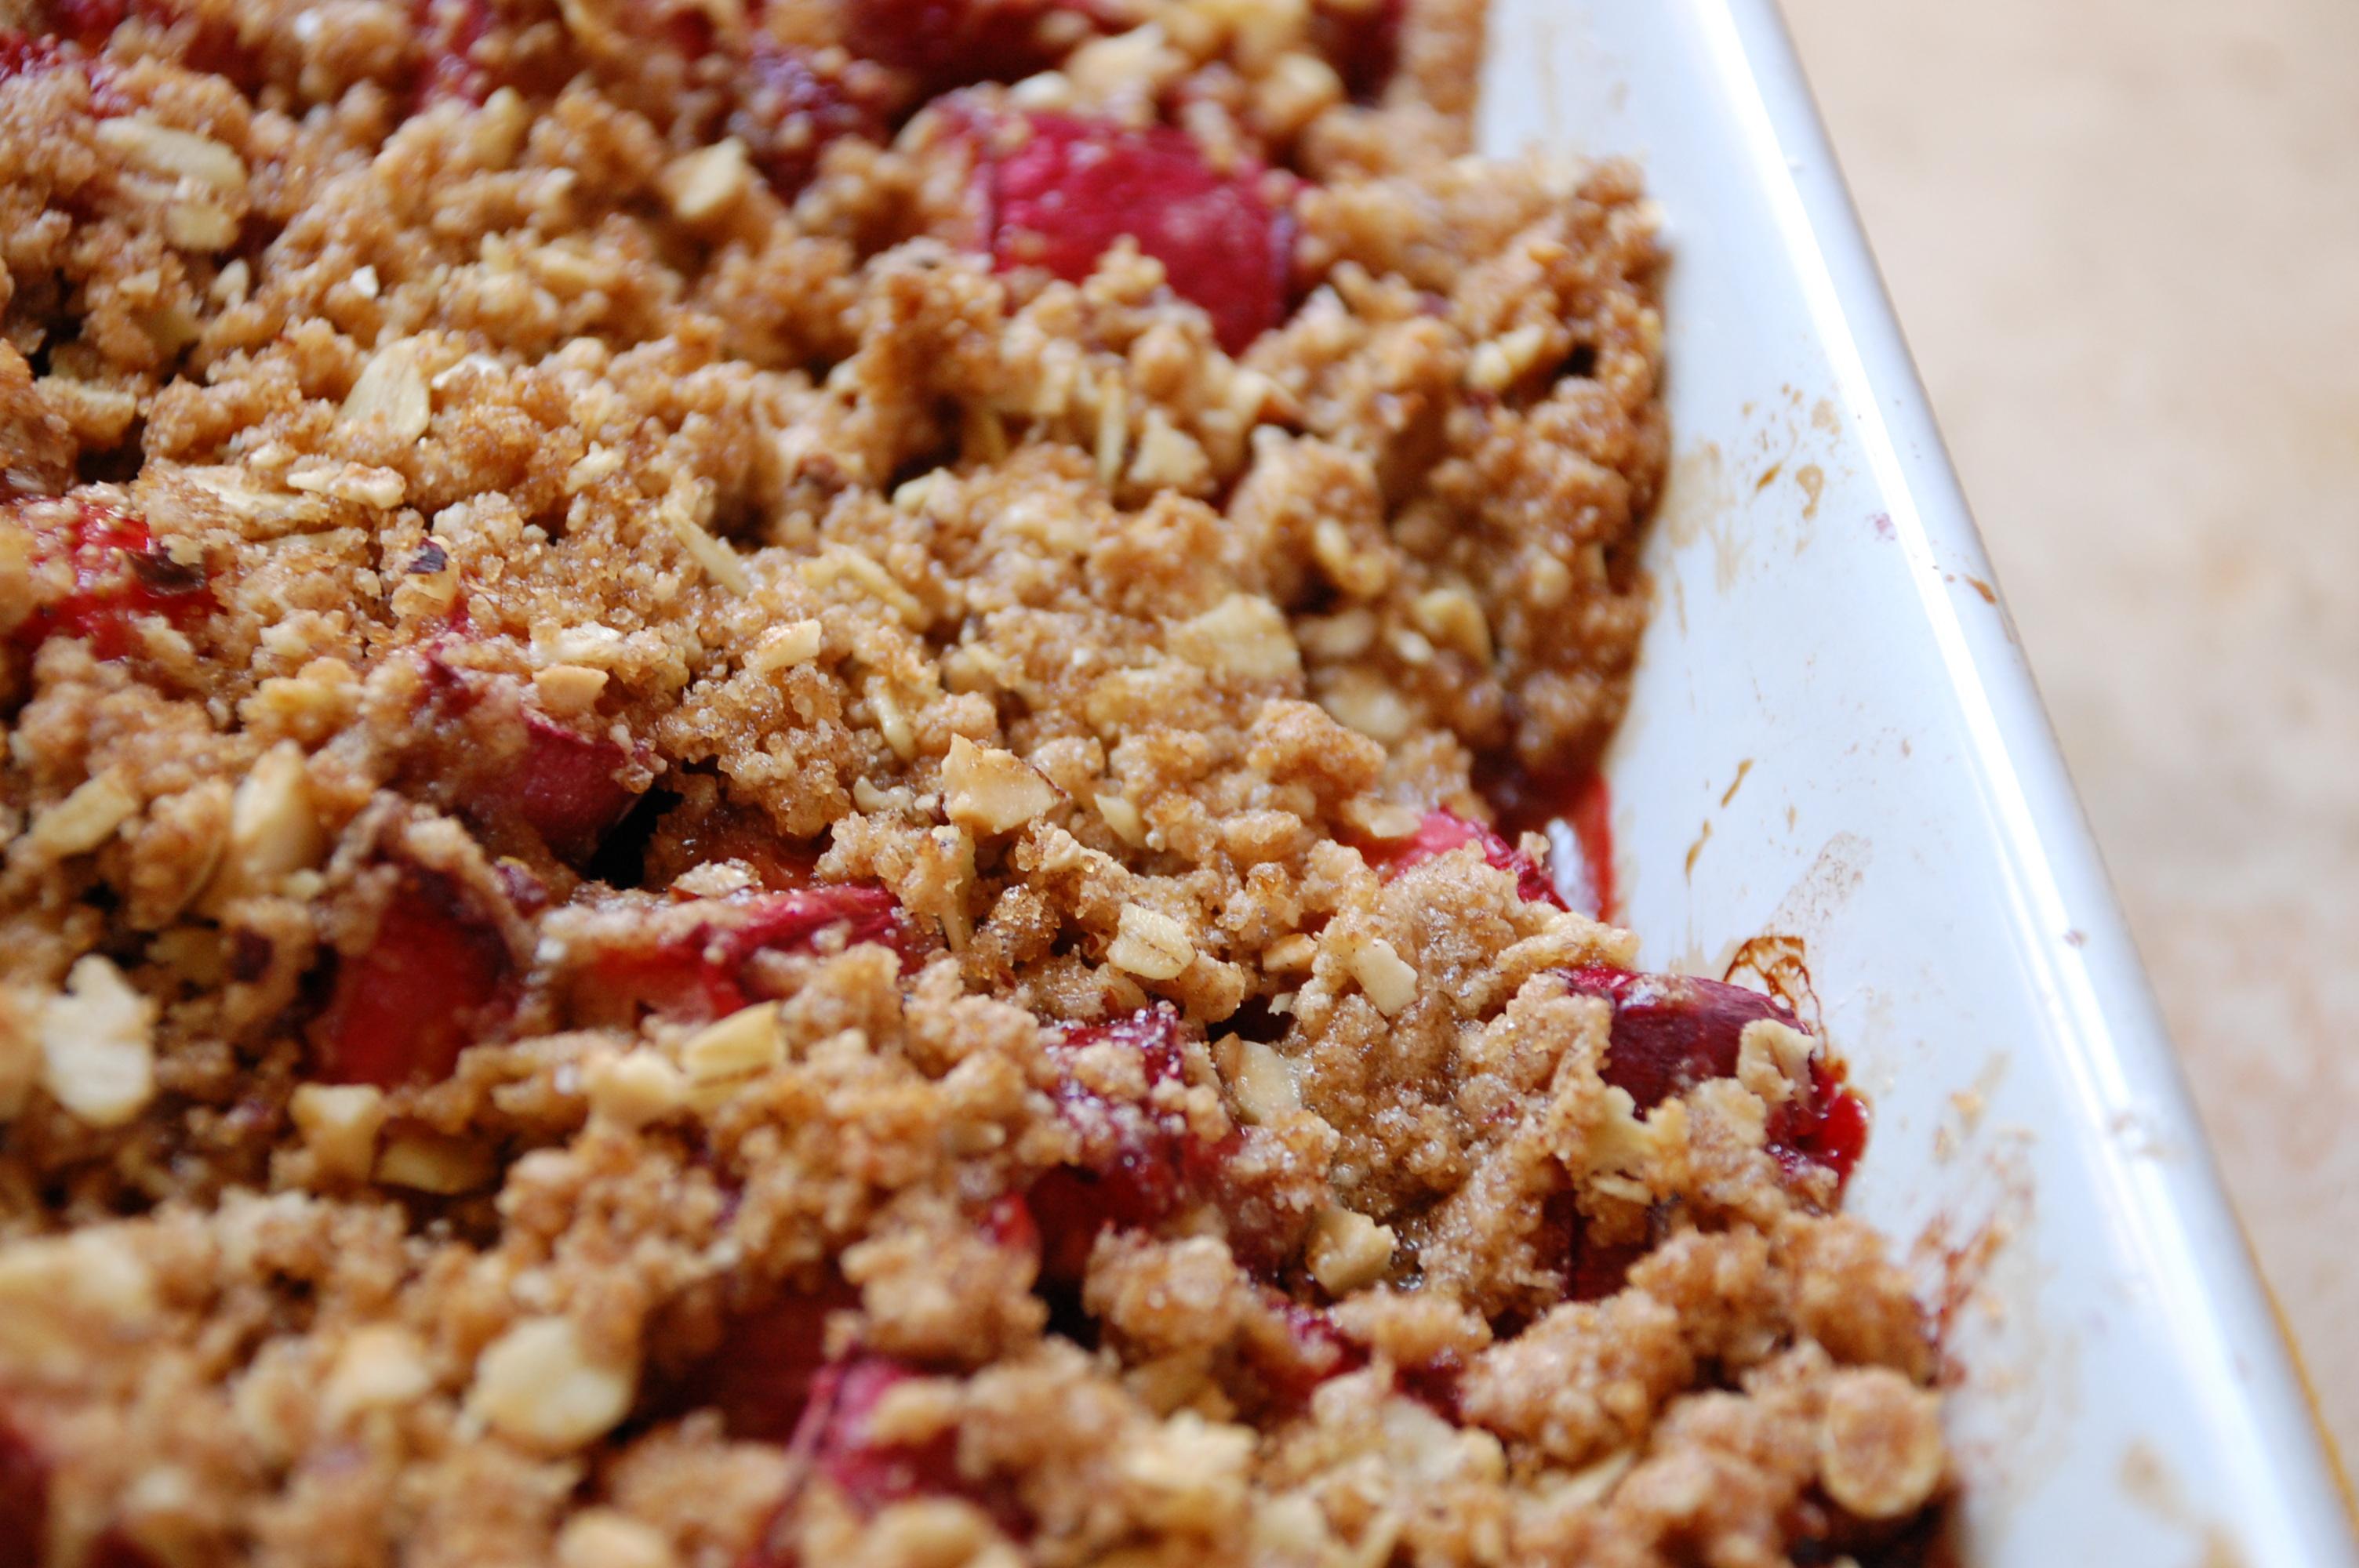 ... strawberry rhubarb crisp strawberry rhubarb crisp a strawberry rhubarb